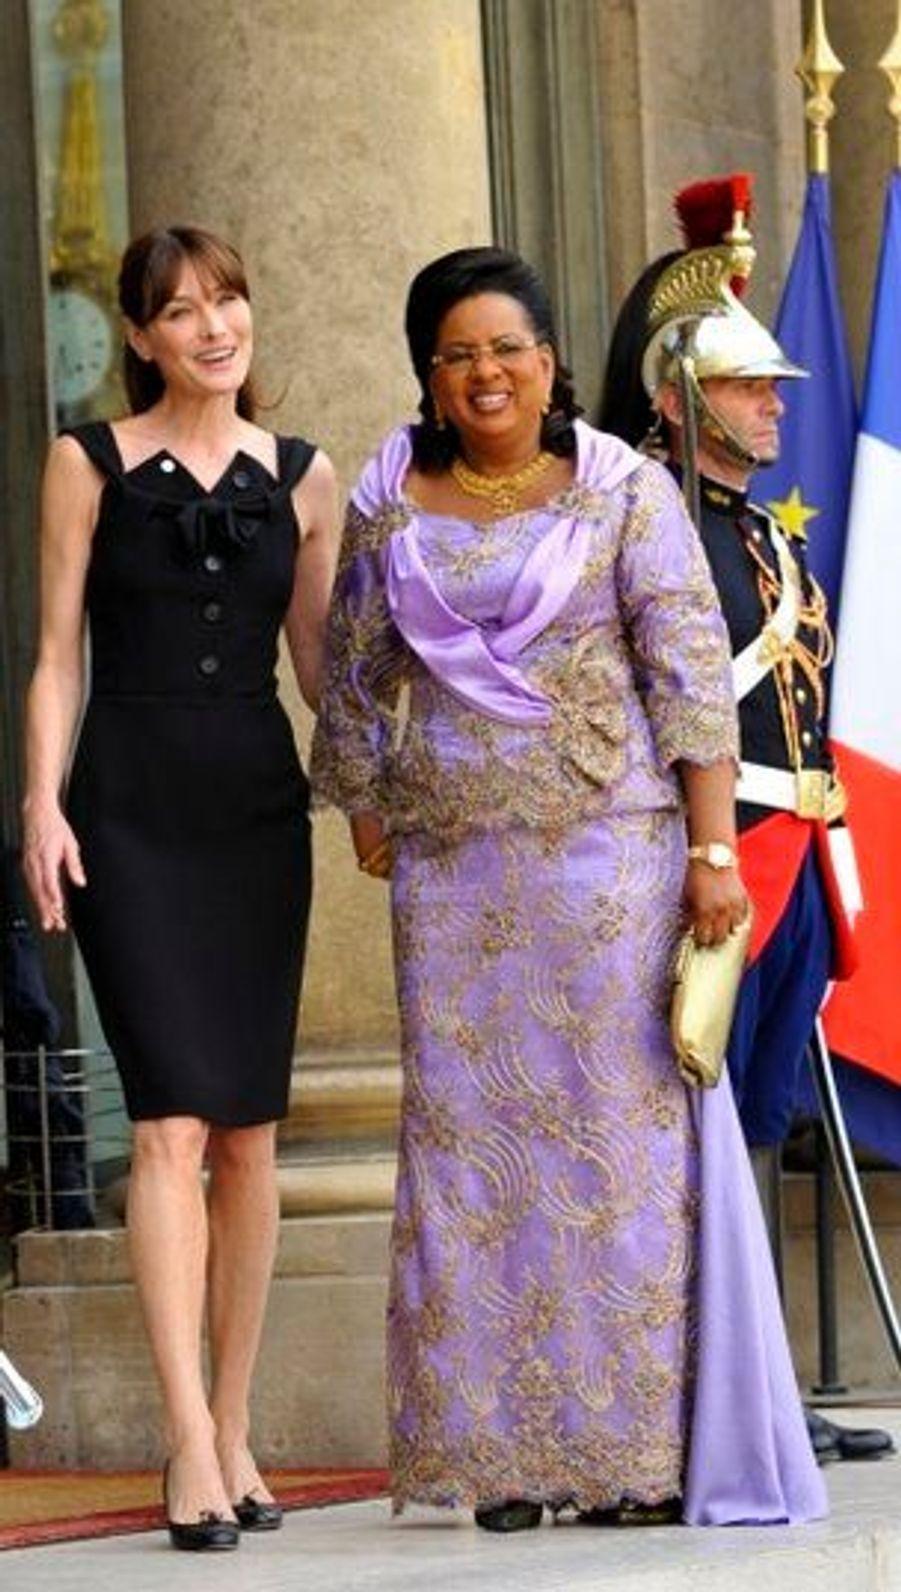 Avant les célébrations du 14-Juillet 2010, qui ont mis l'Afrique à l'honneur, Carla Bruni-Sarkozy recevait (toujours en Dior) à l'Elysée les compagnes de dix chefs d'Etat africains à l'heure du thé.